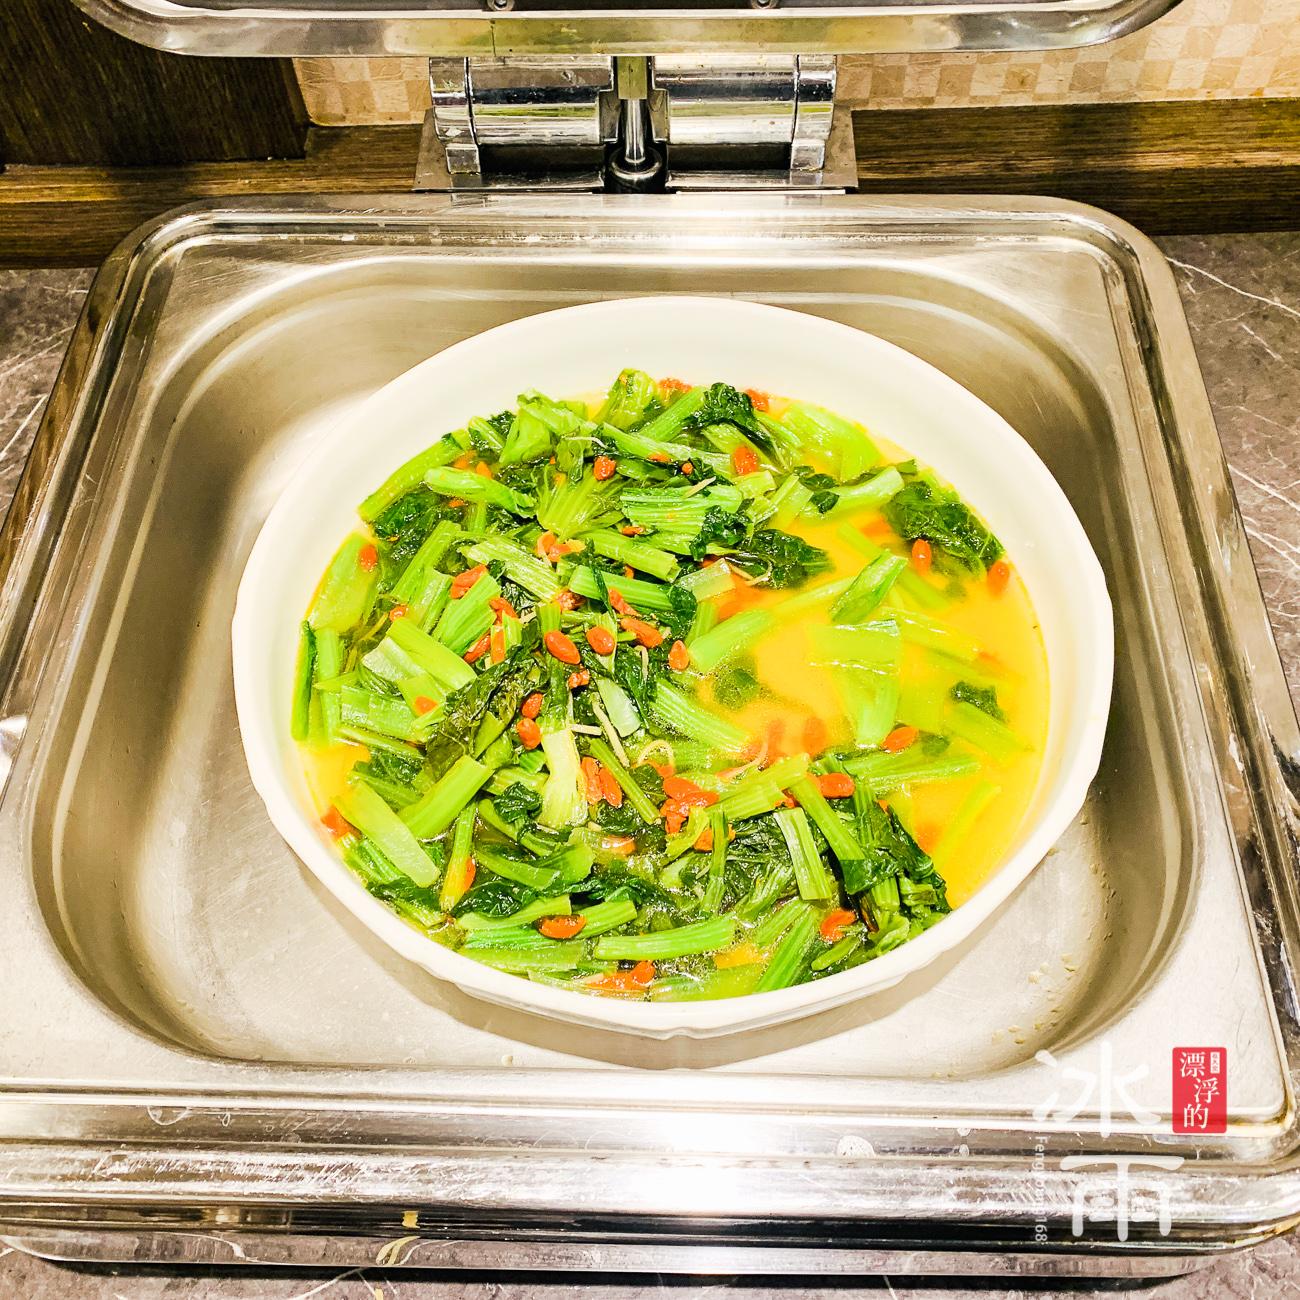 川湯春天溫泉飯店德陽館 早餐 炒青菜